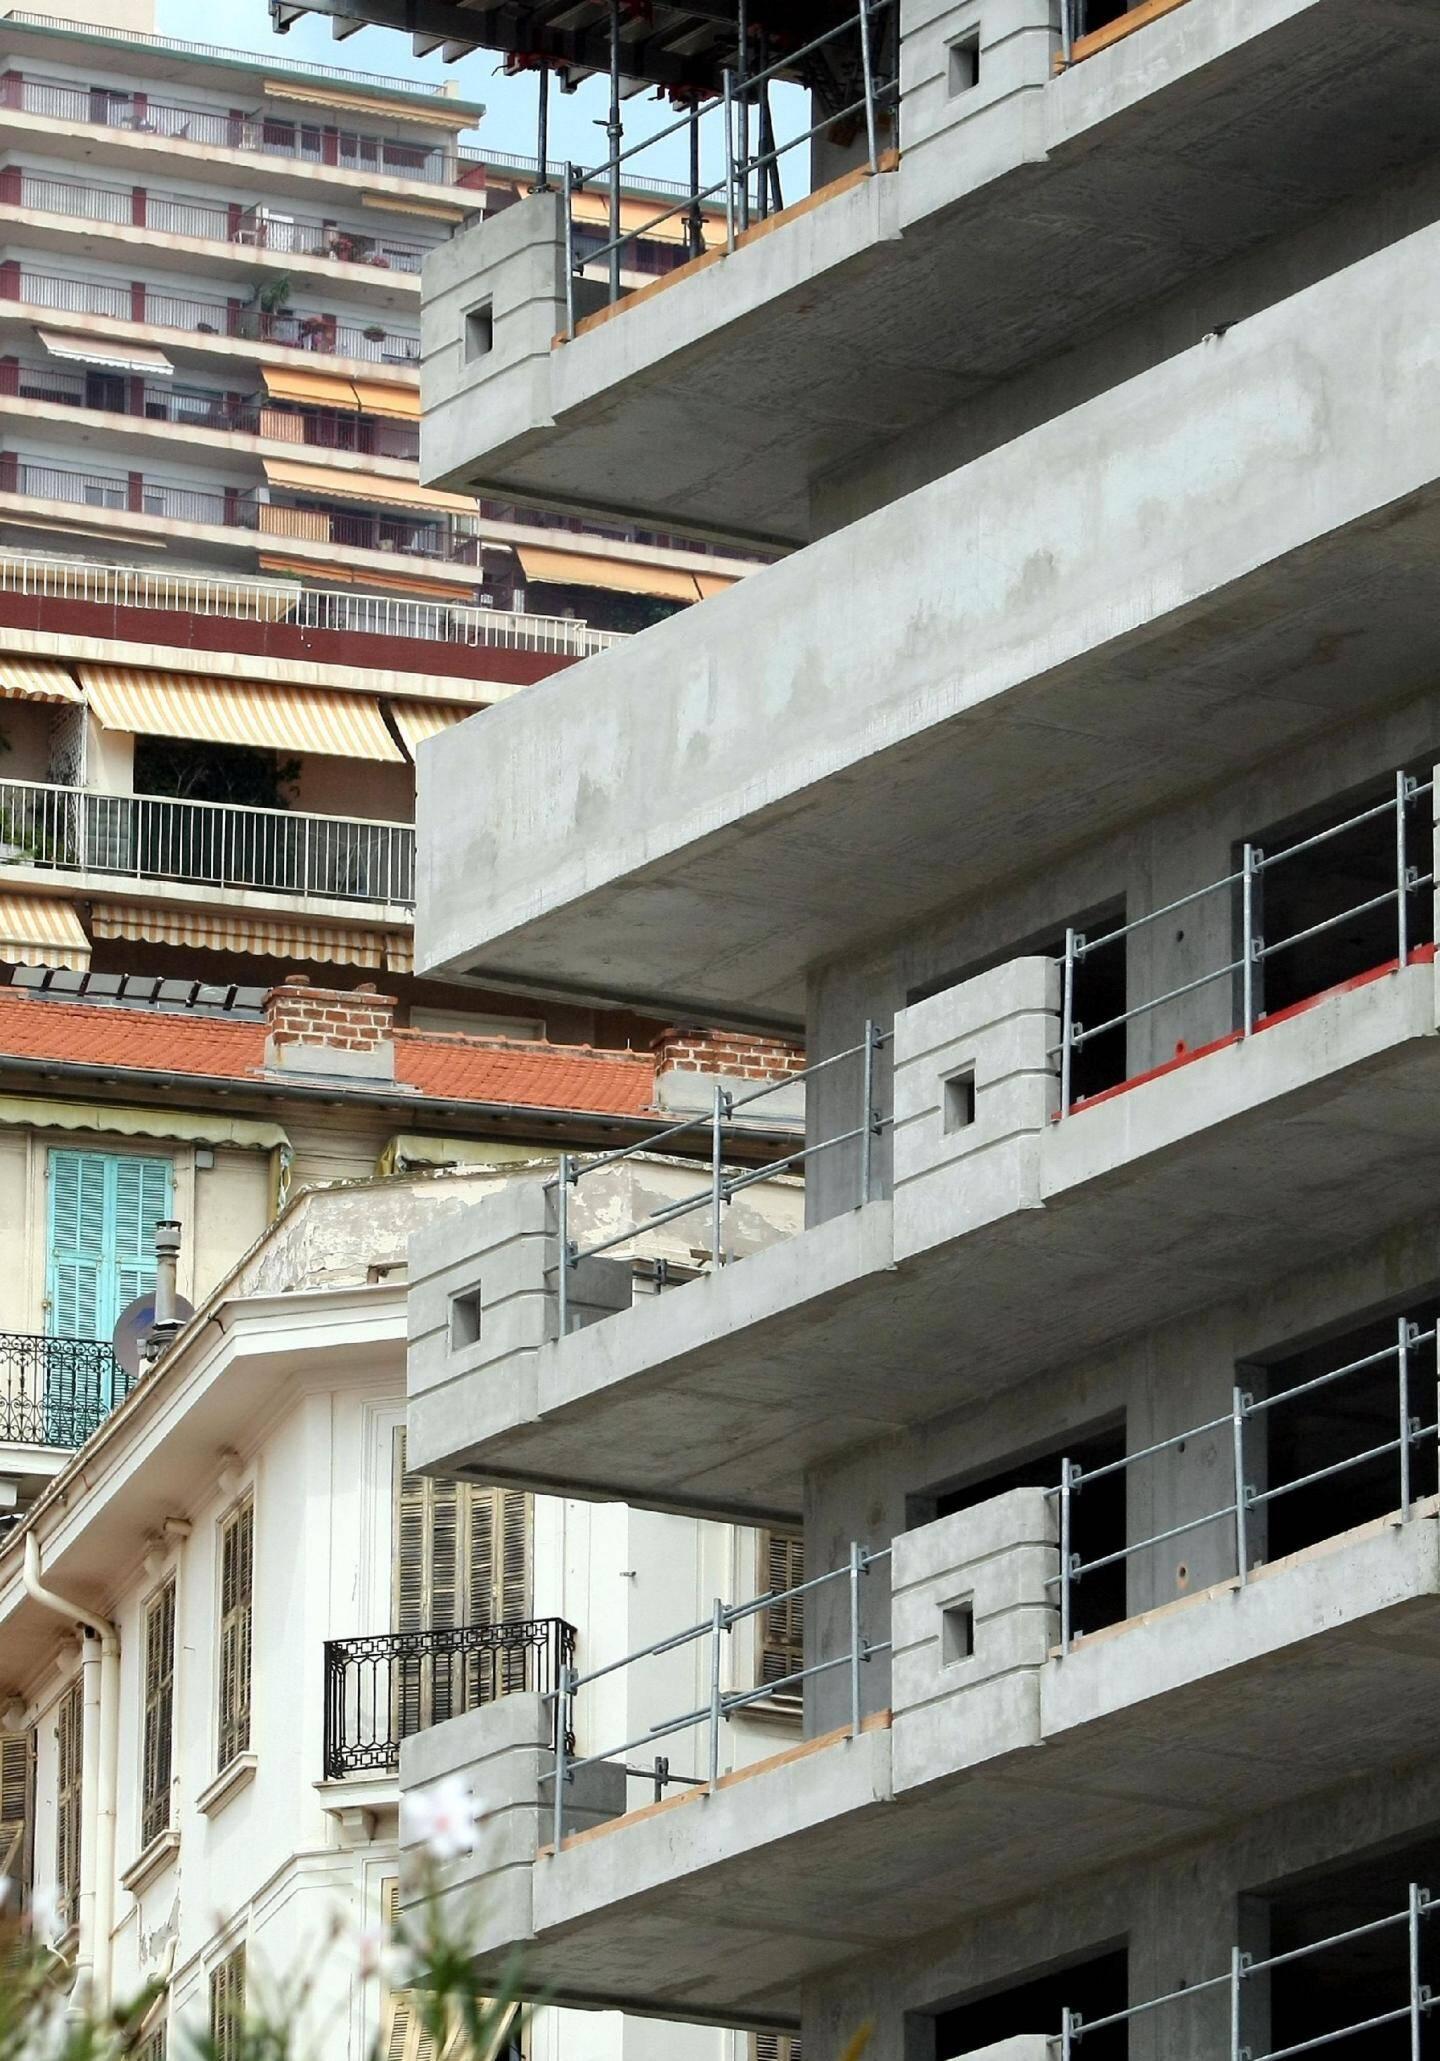 En jouant la carte de la défiscalisation, la loi Duflot espère favoriser l'investissement locatif et améliorer l'offre du neuf et du social.